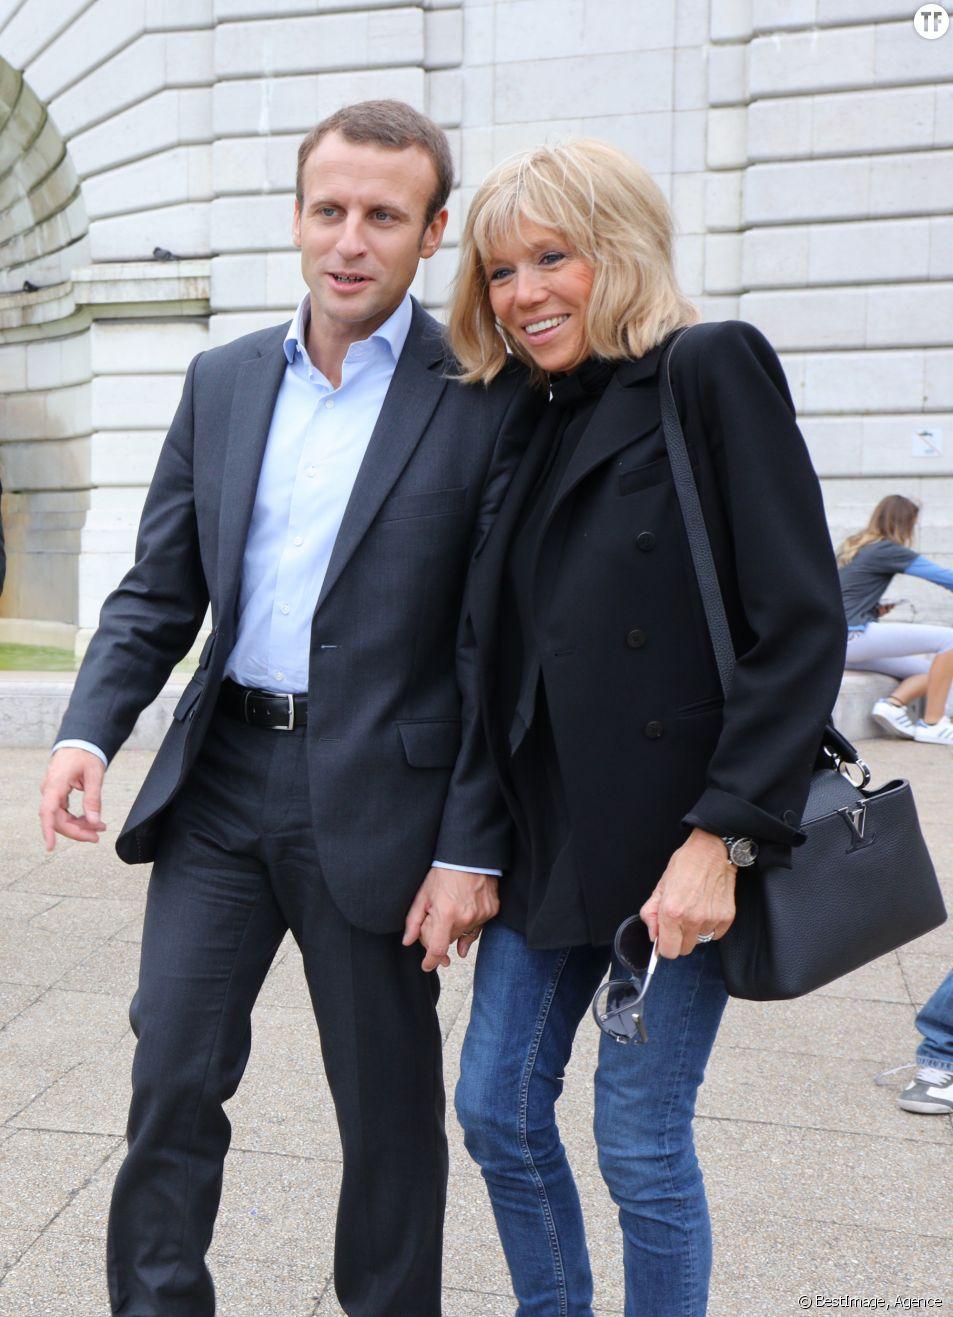 Emmanuel Macron Comment Les Enfants De Brigitte Trogneux Ont Accepte Leur Amour Terrafemina